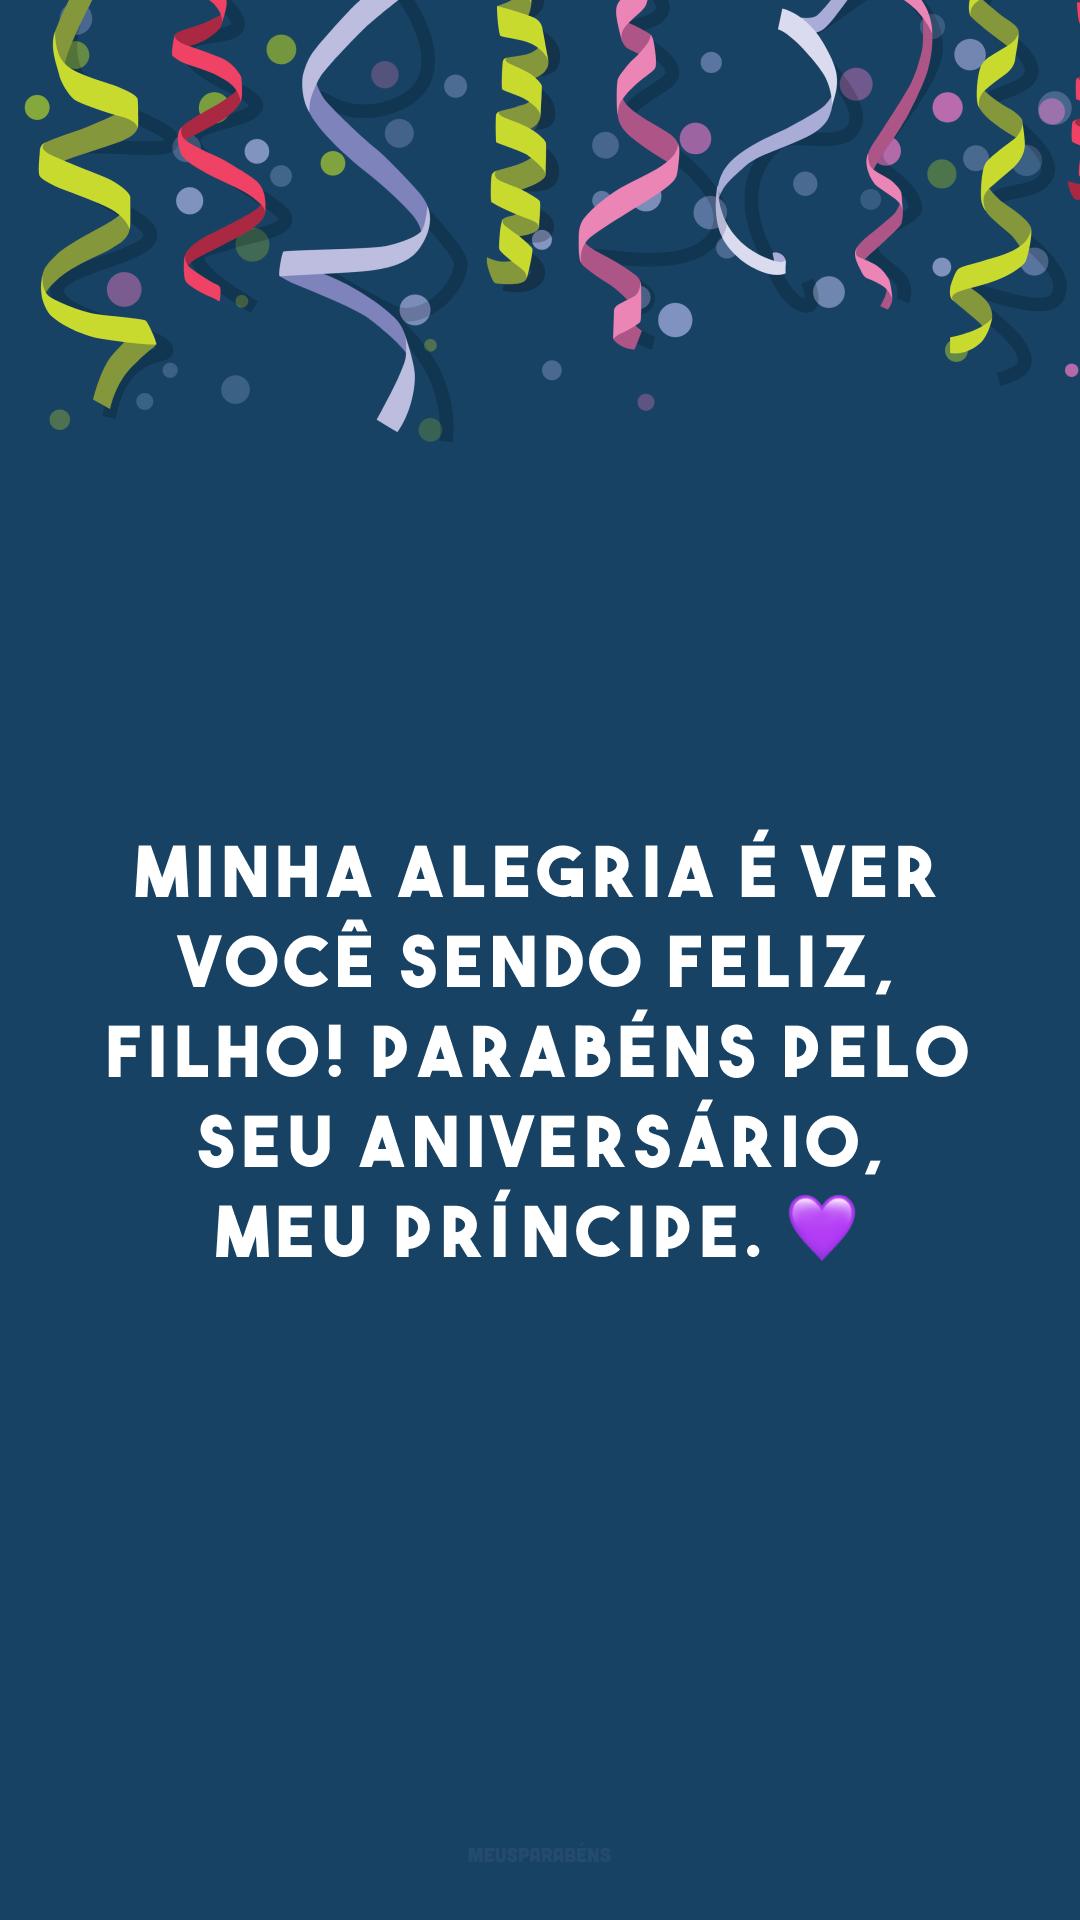 Minha alegria é ver você sendo feliz, filho! Parabéns pelo seu aniversário, meu príncipe. 💜